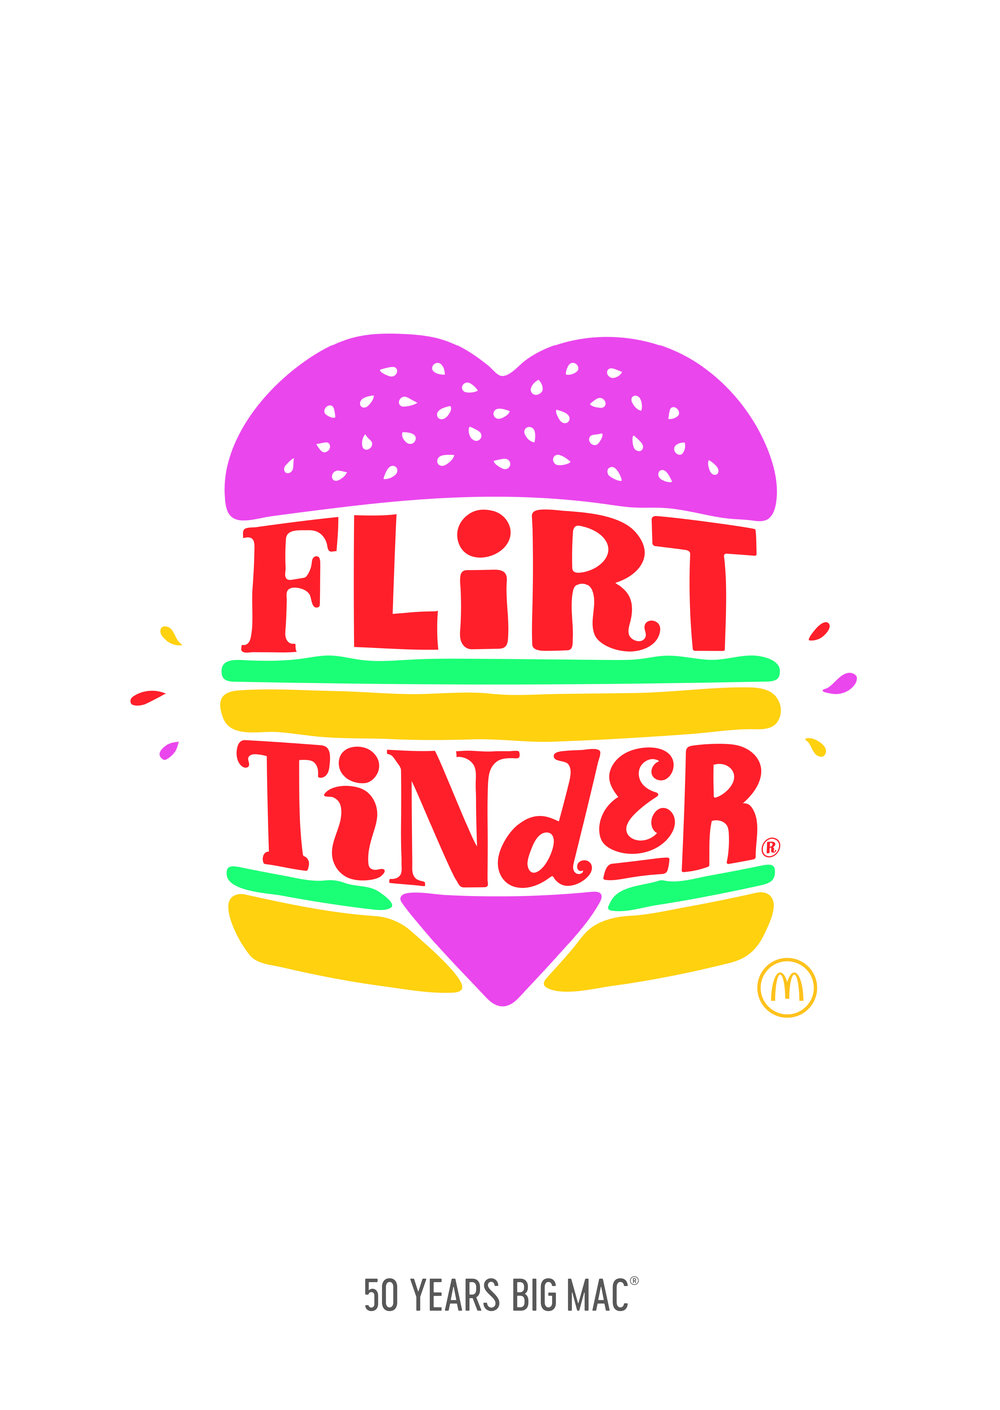 8_Flirt:Tinder.jpg